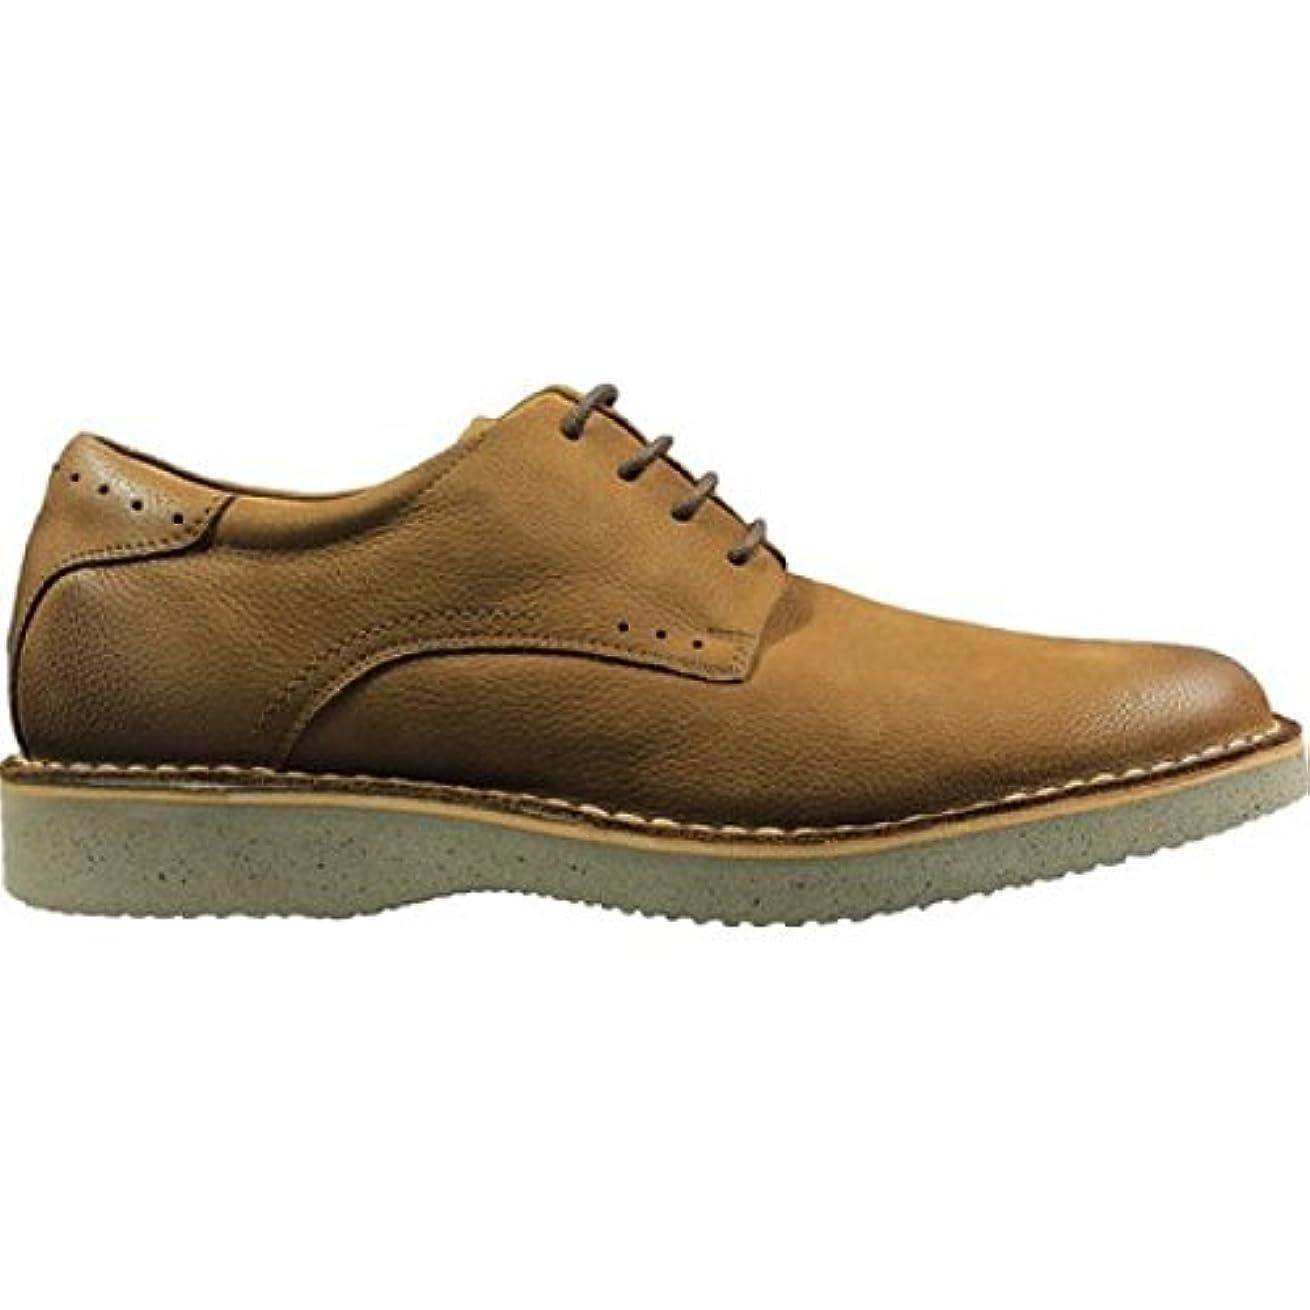 あいまいなに慣れパプアニューギニア(フローシャイム) Florsheim メンズ シューズ?靴 革靴?ビジネスシューズ Navigator Plain Toe Derby [並行輸入品]